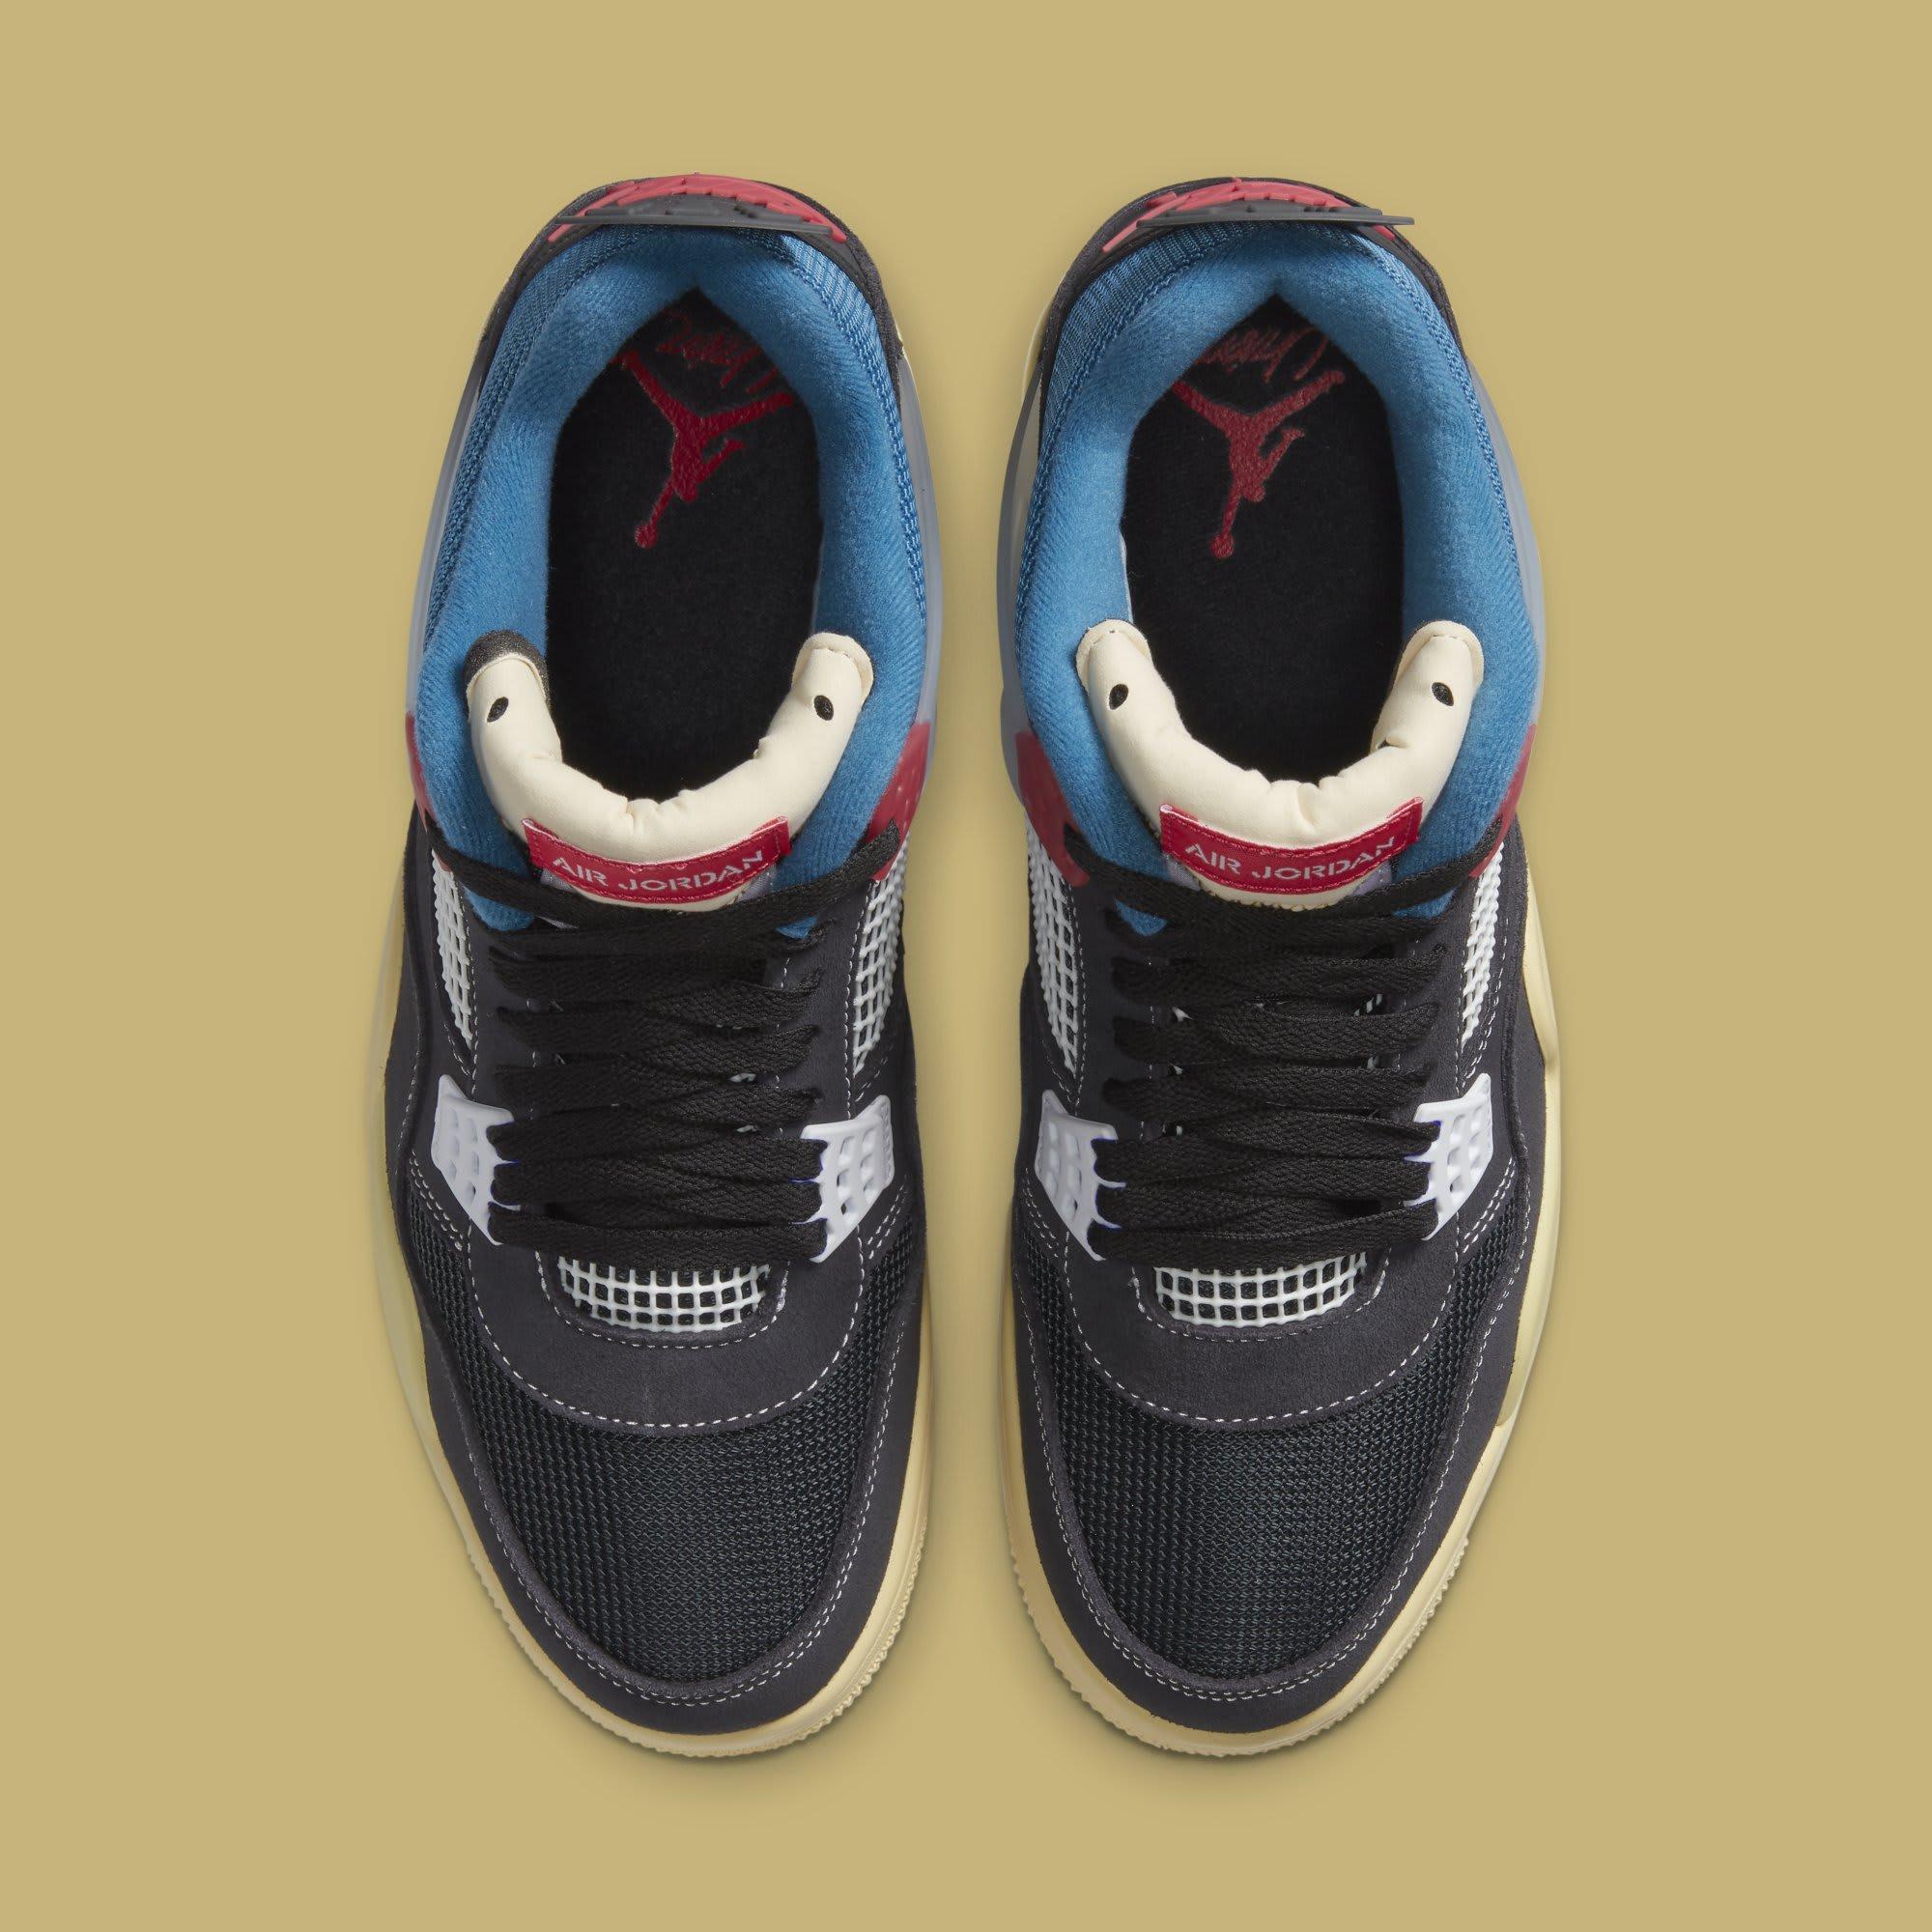 Union x Air Jordan 4 Retro 'Off-Noir' DC9533-001 Top